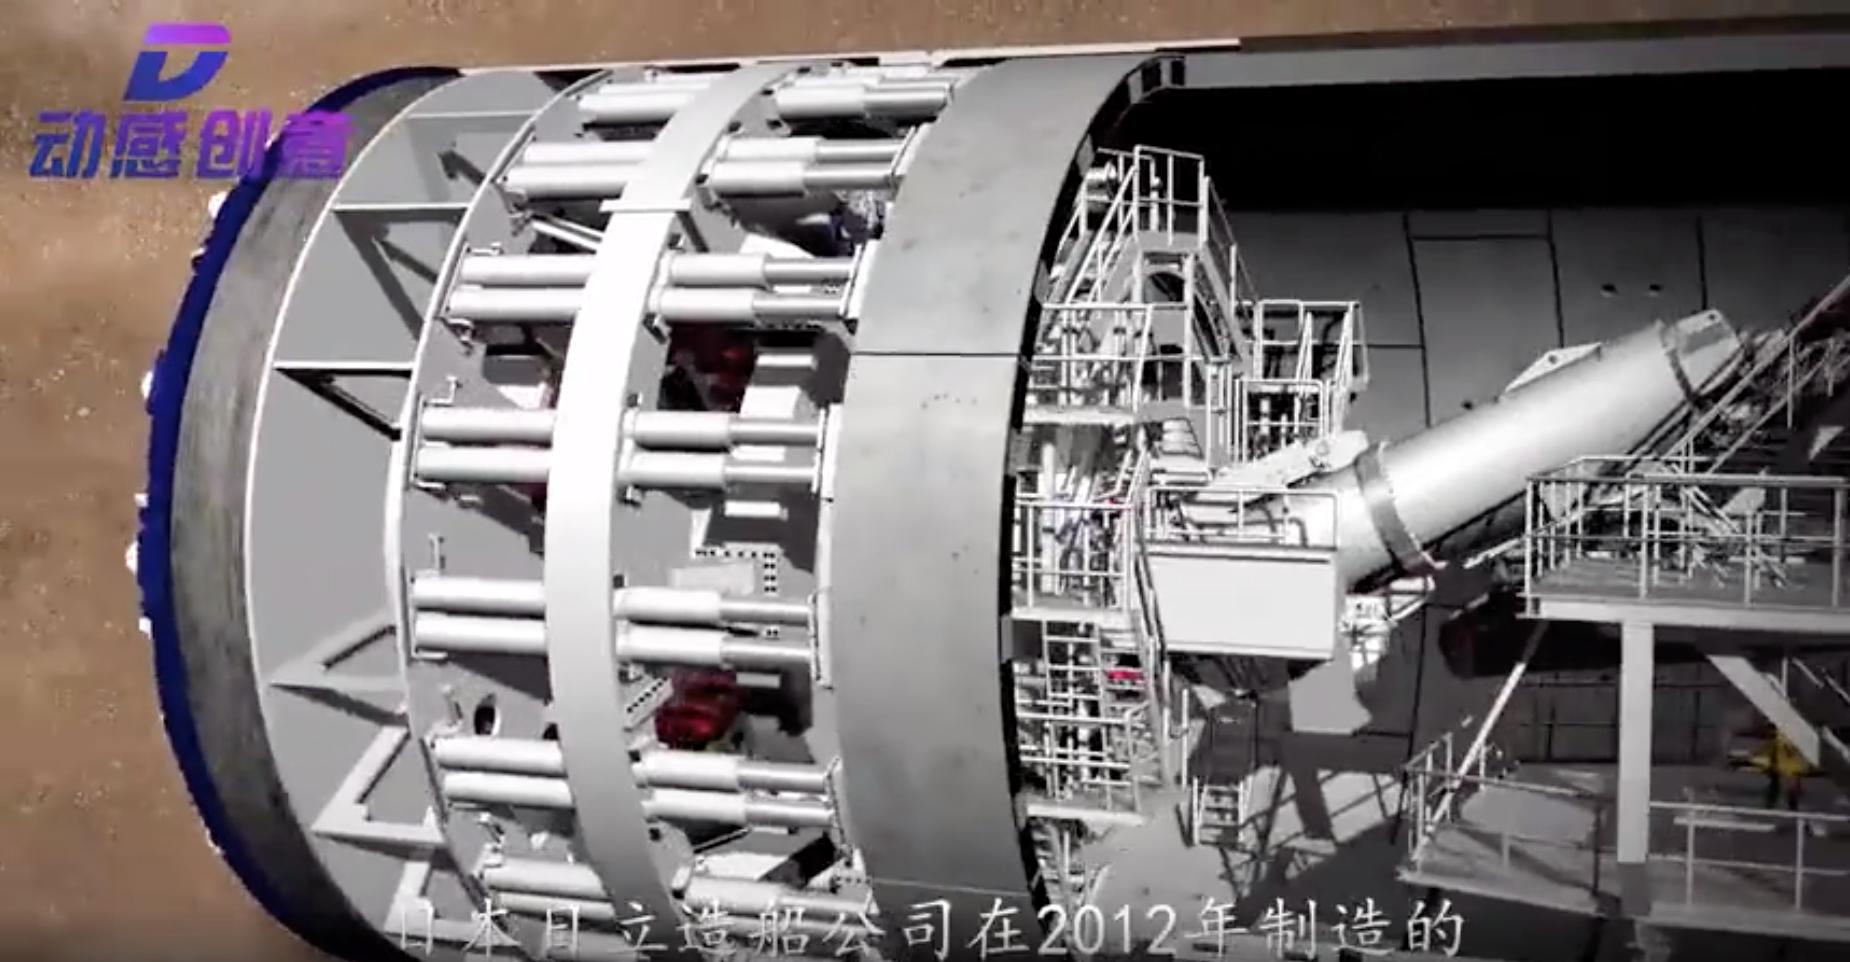 日本造世界最大挖掘机,长110米,重7000吨,2天挖一座山